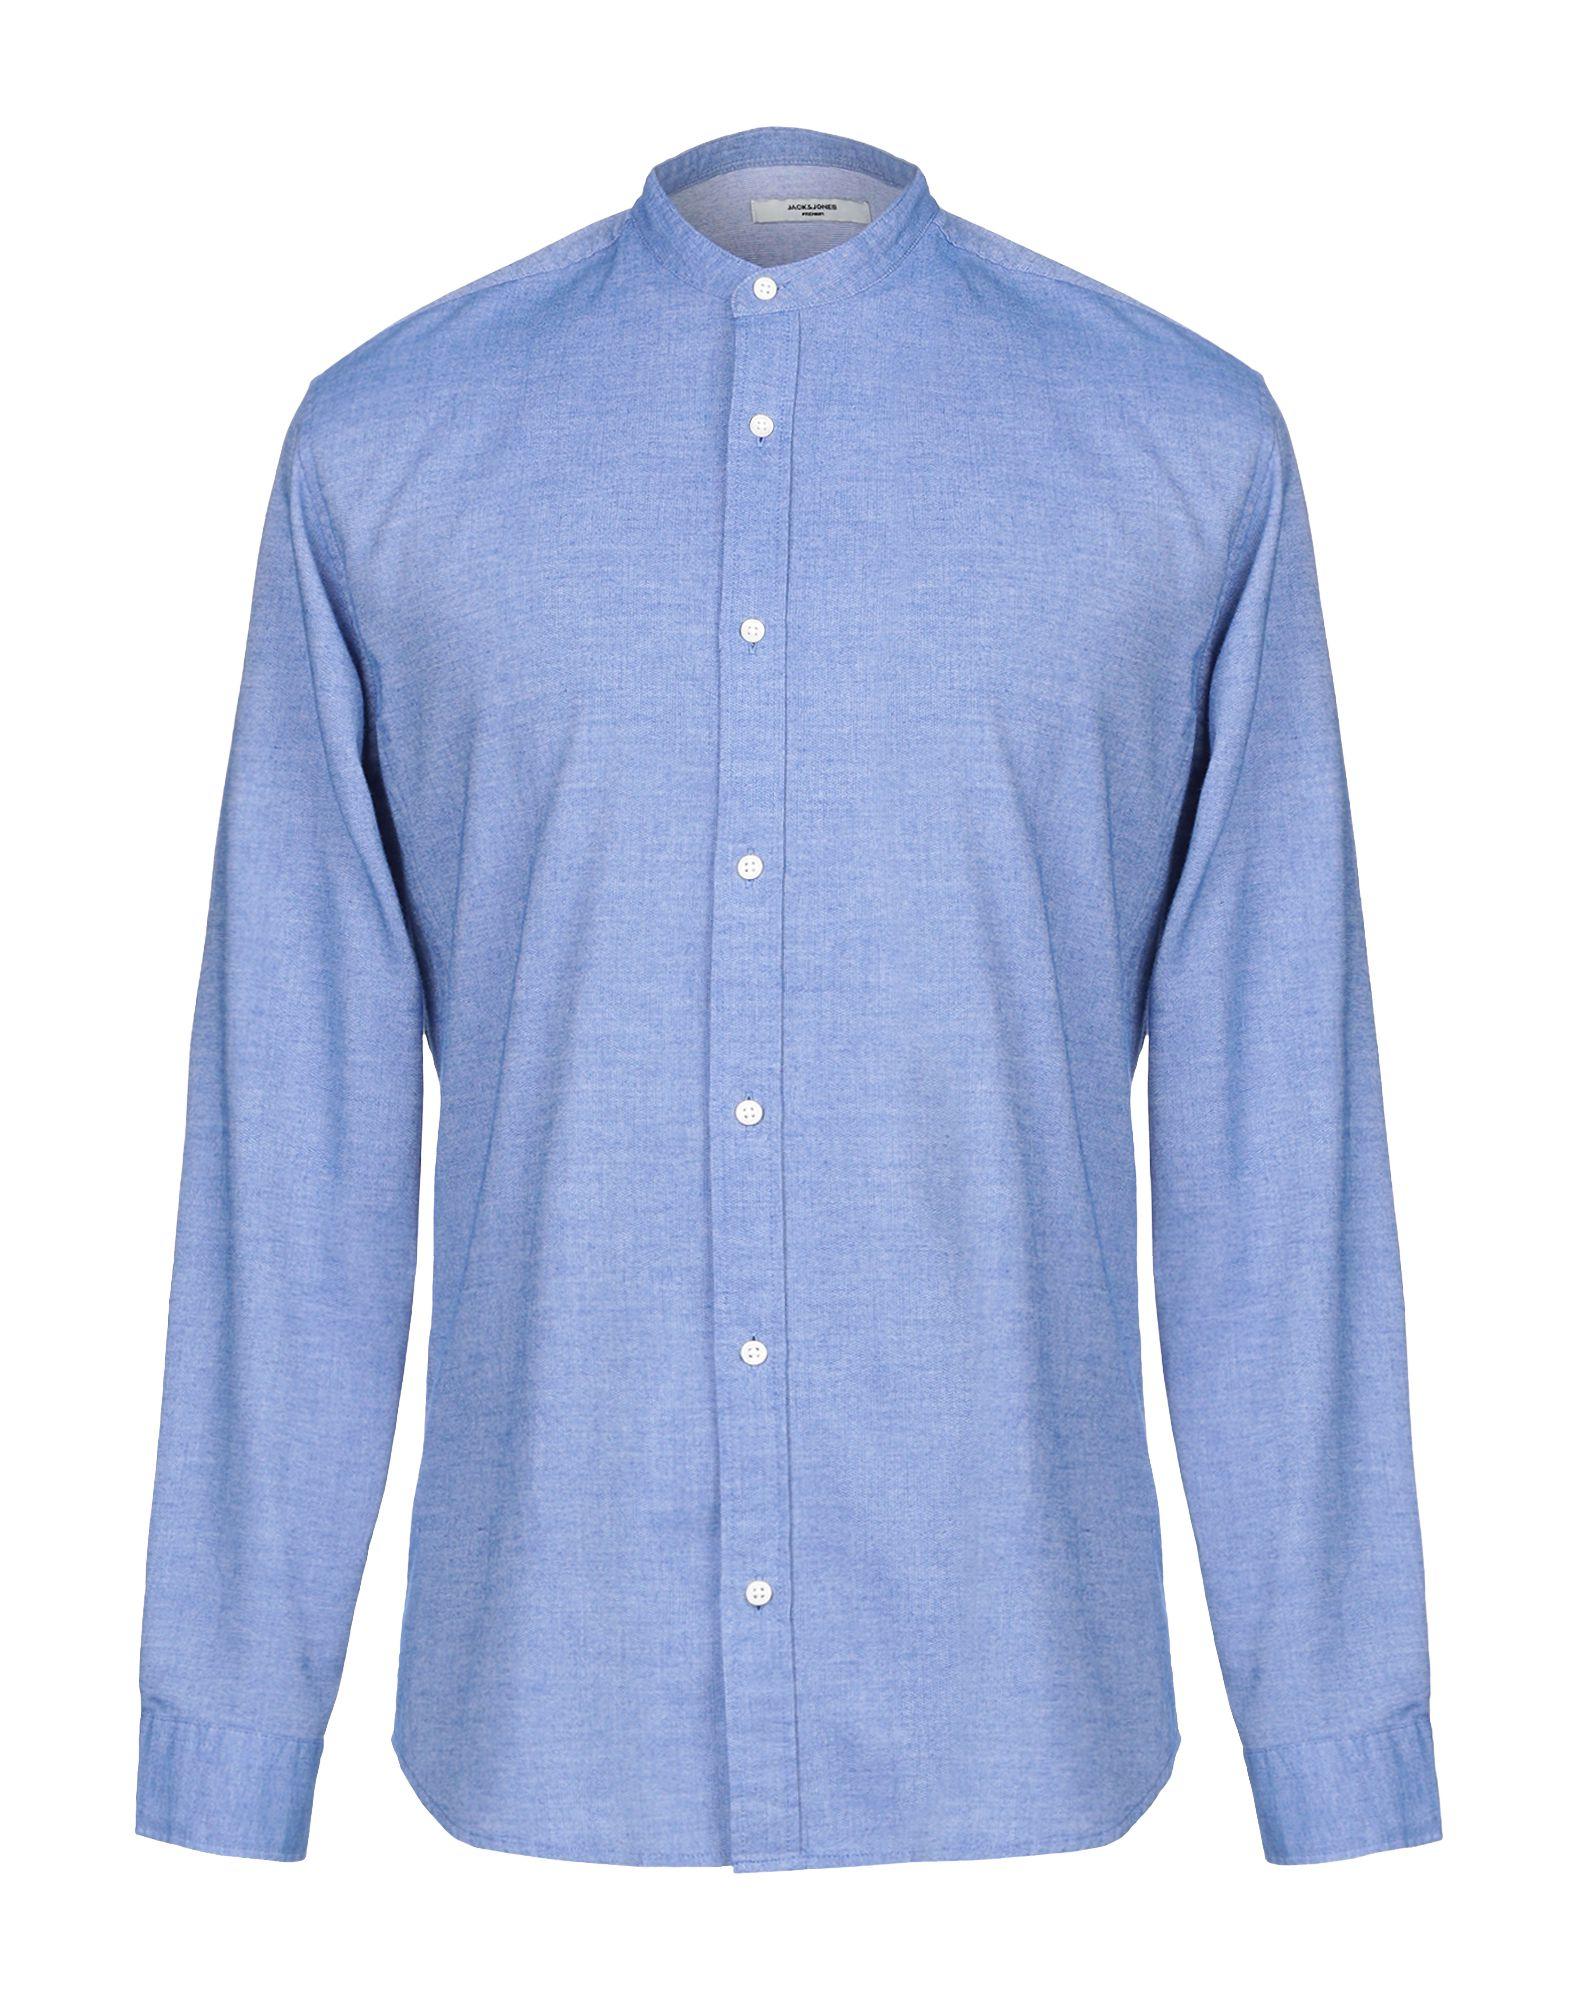 《送料無料》JACK & JONES PREMIUM メンズ シャツ アジュールブルー S コットン 100%